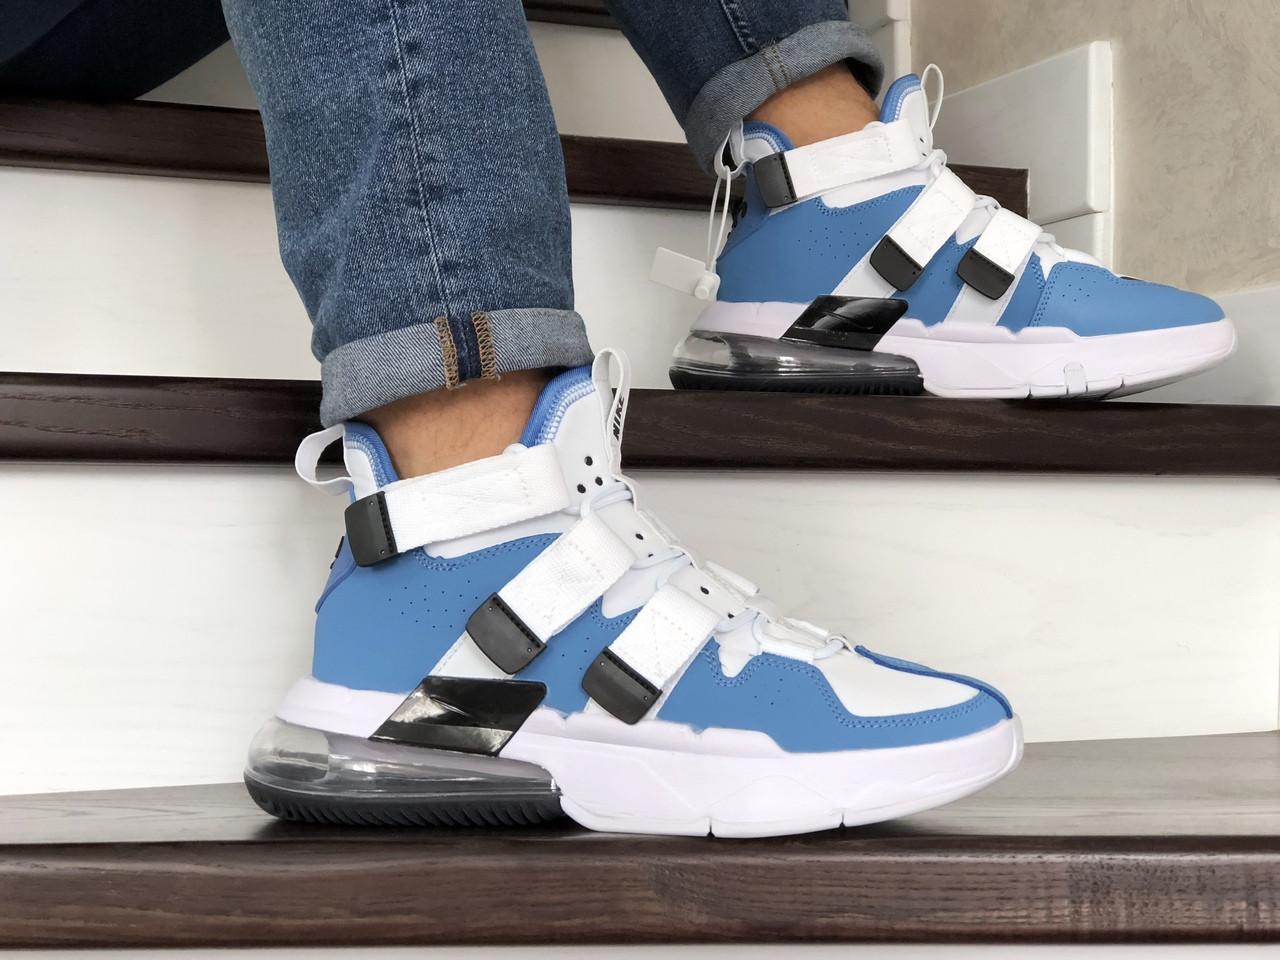 Модные мужские кроссовки (в стиле) Nike Air Force 270, белые с голубым